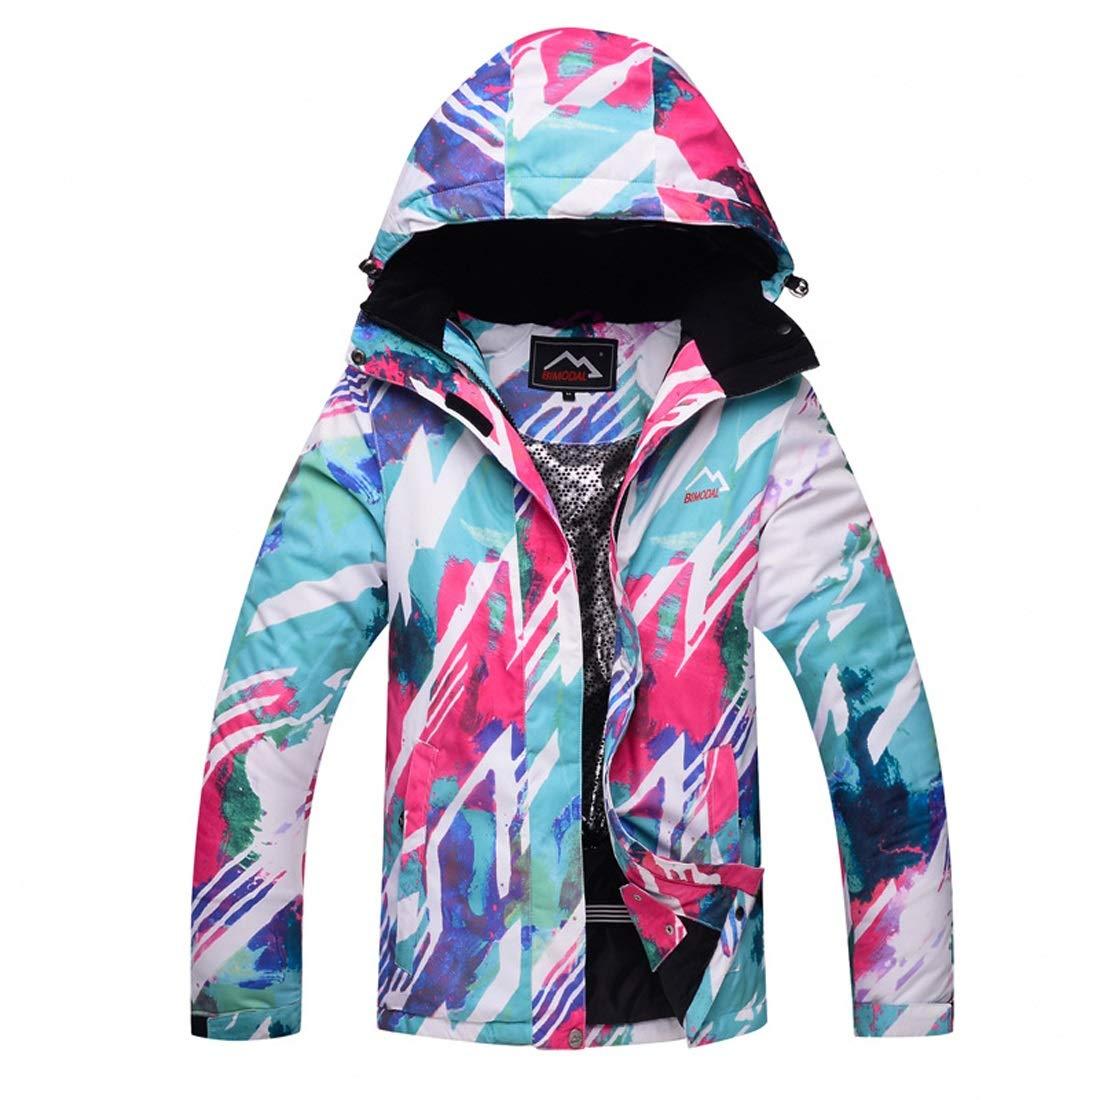 C02 XXL FELICIOO Veste de Ski pour Femme Coupe-Vent en Plein air, Chaud